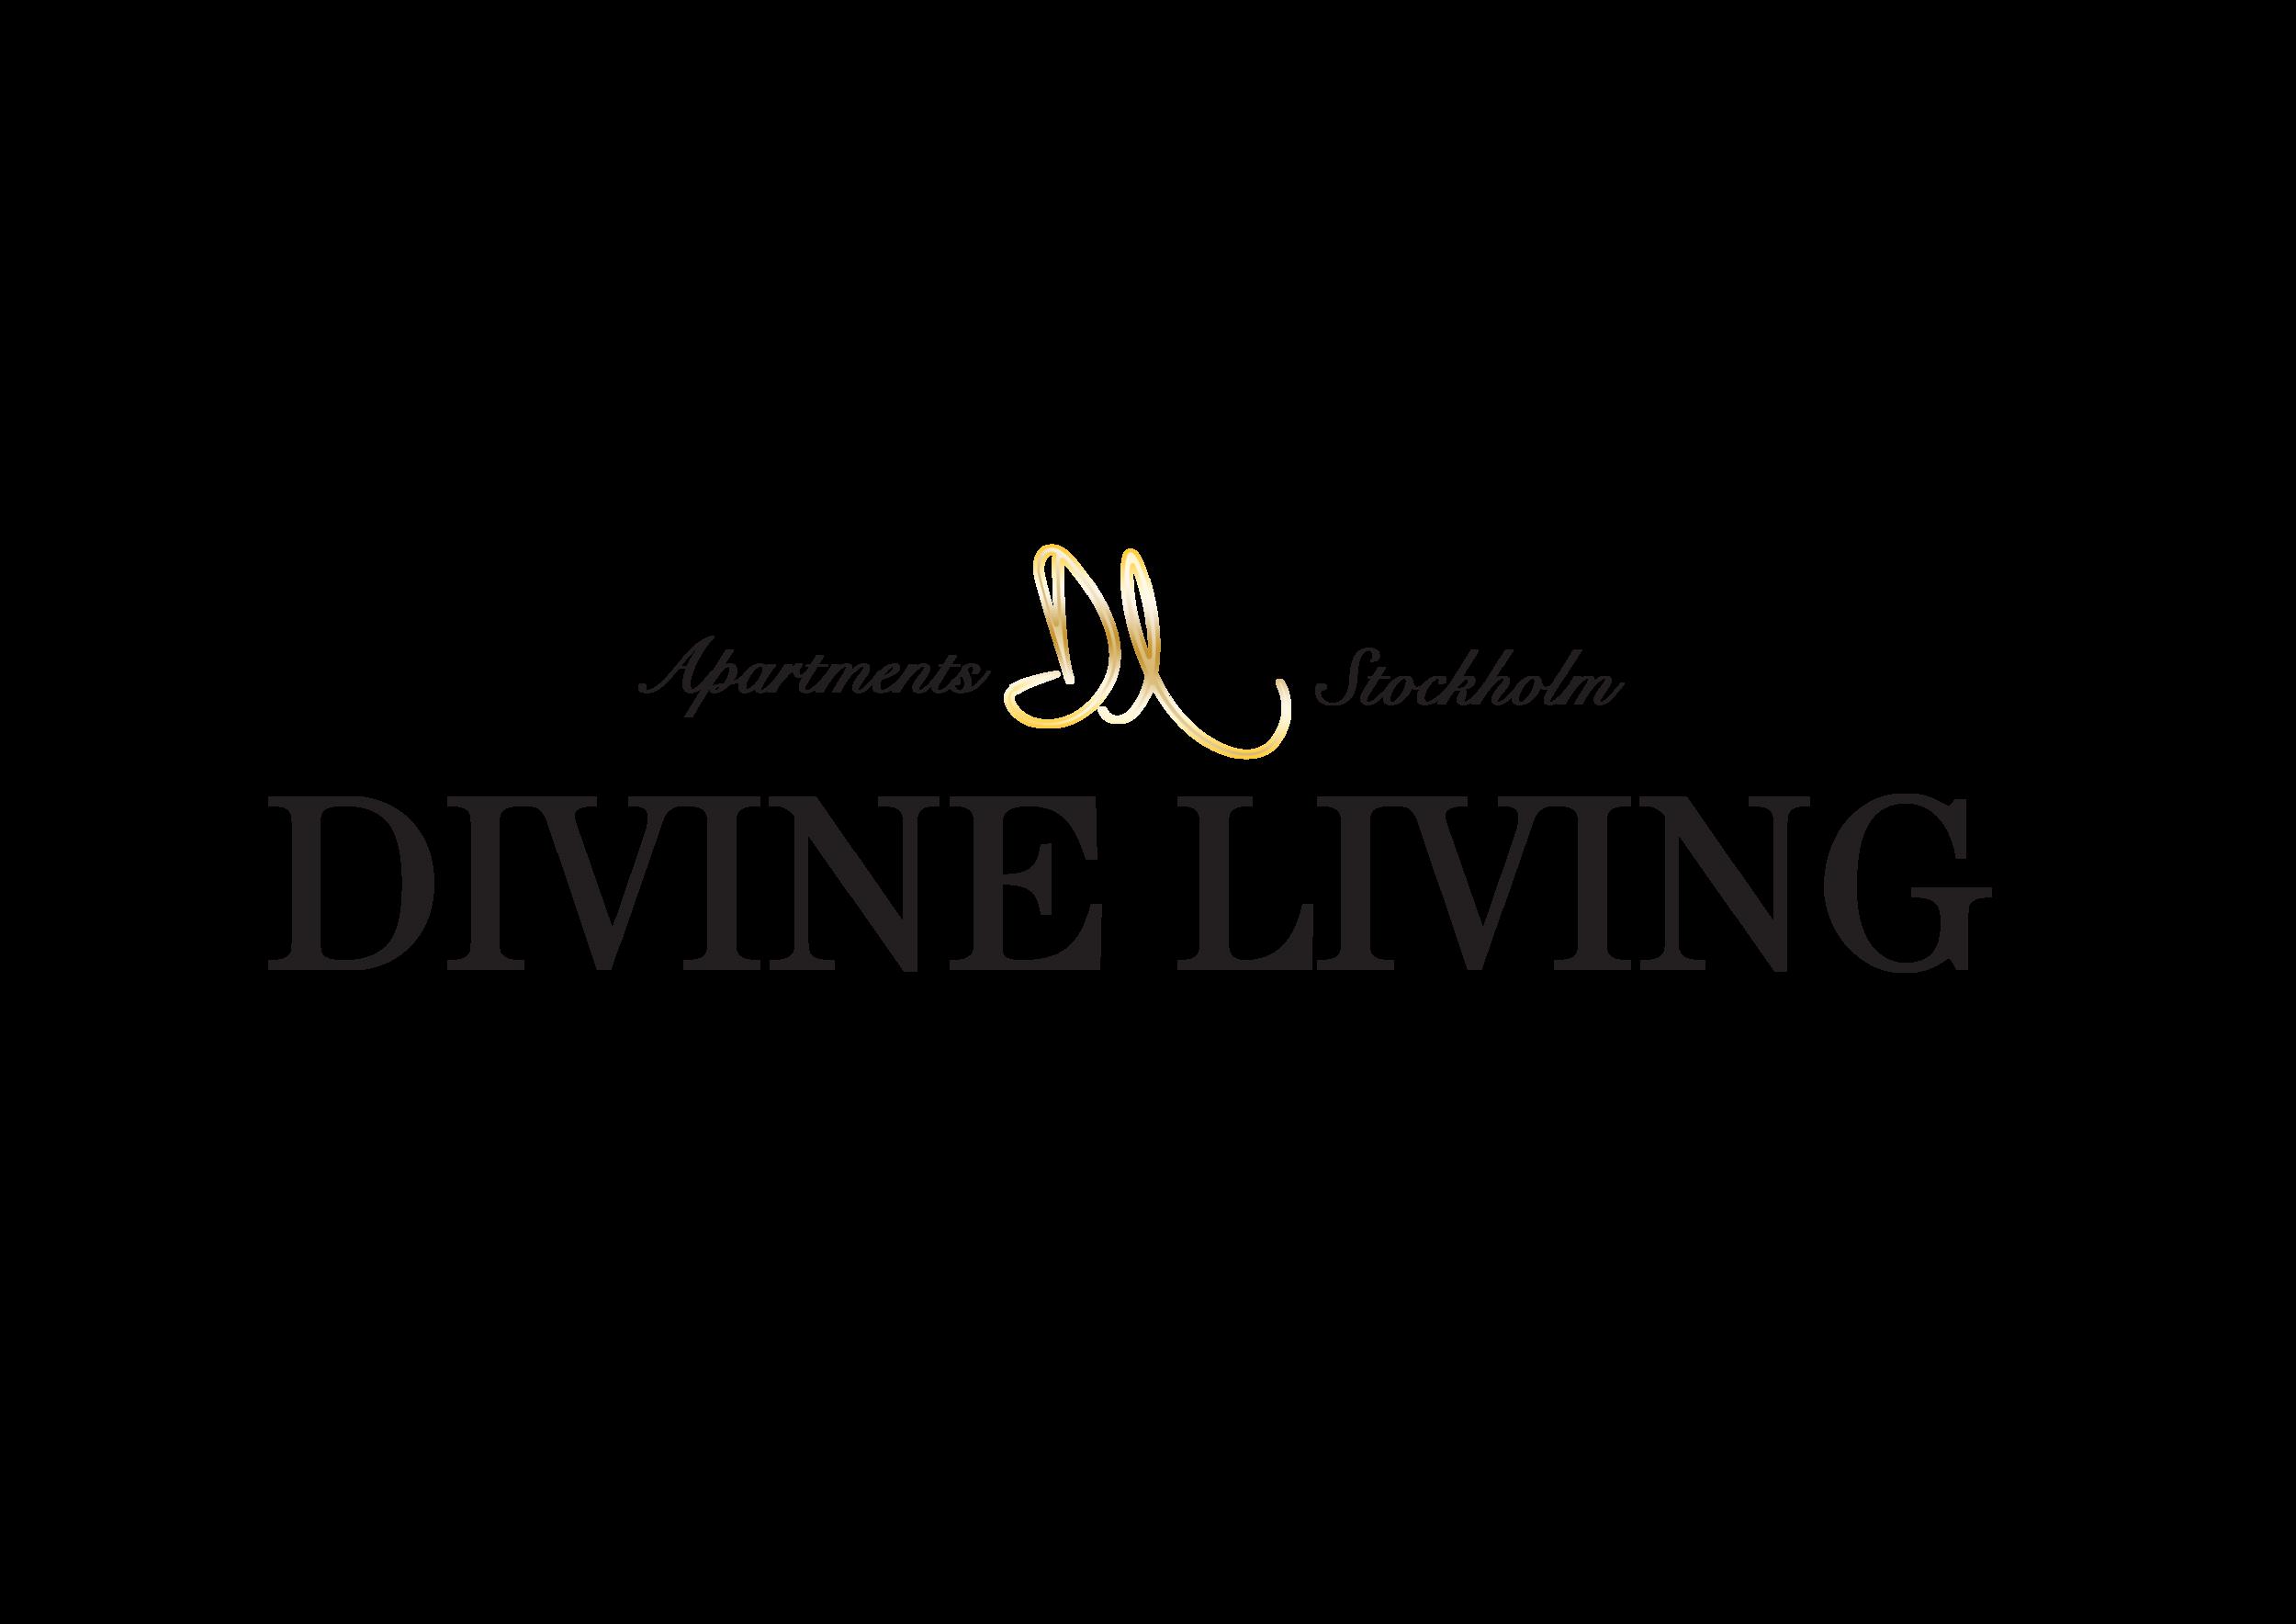 Divine Living Logo Transparant Svart.png